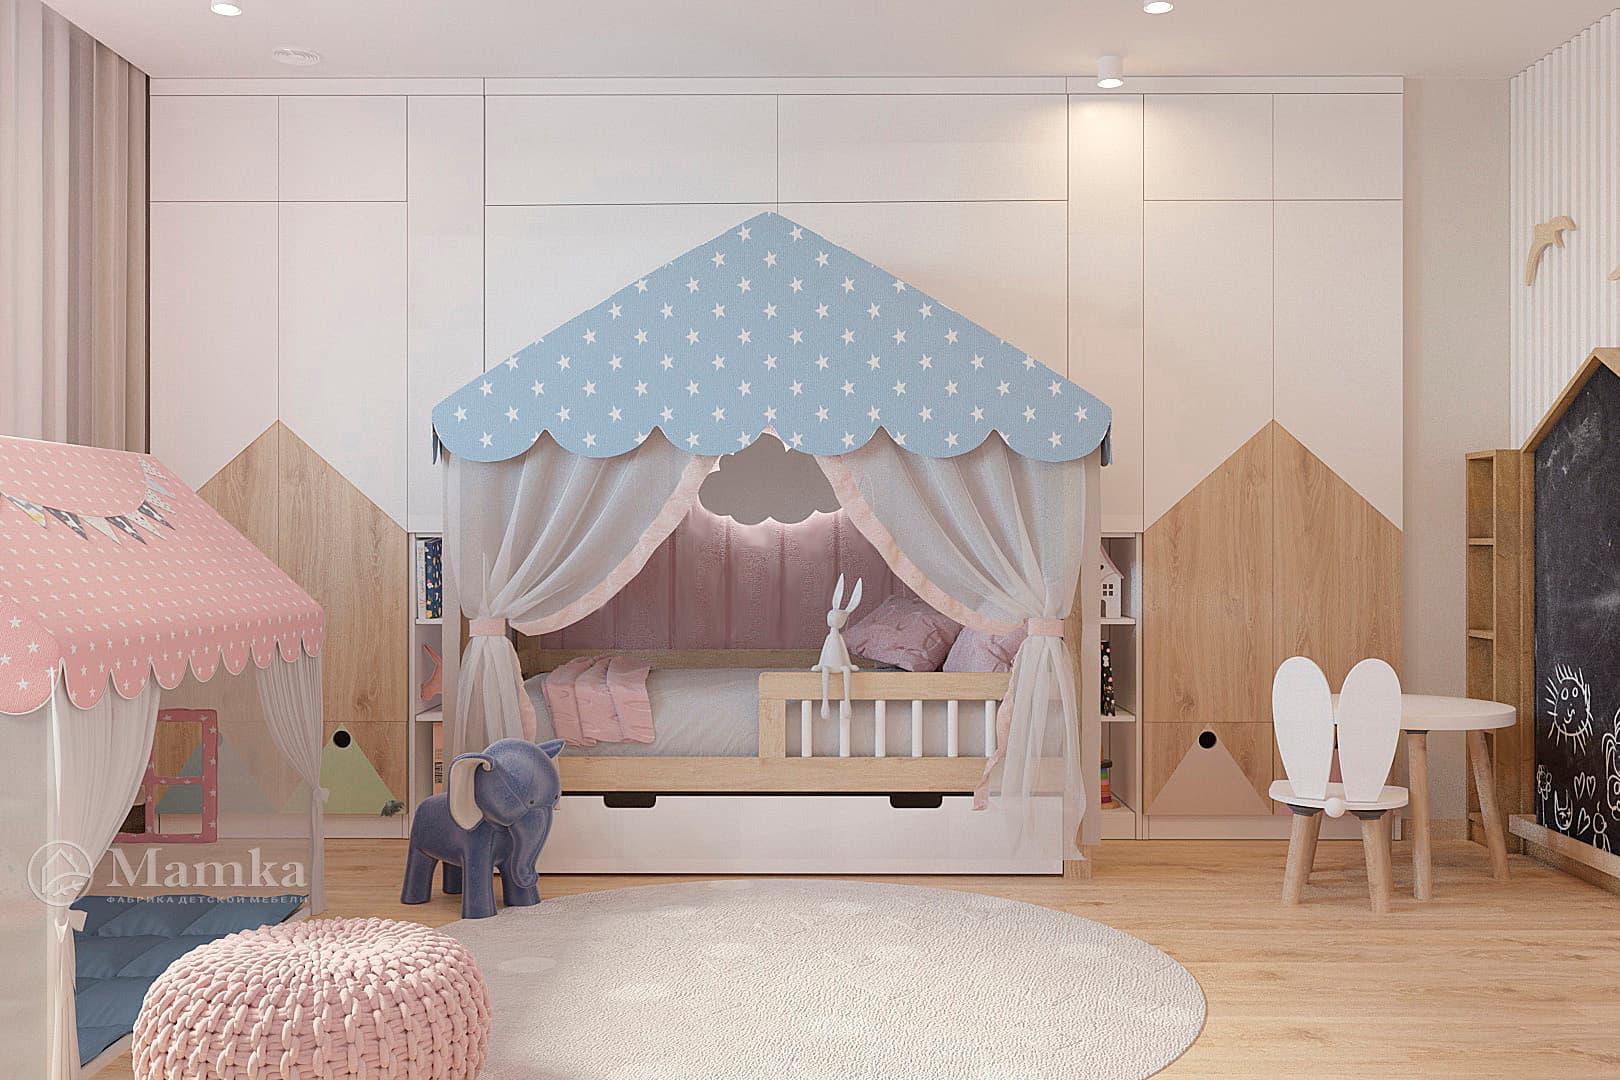 Дизайн детской для девочки фото 12-1